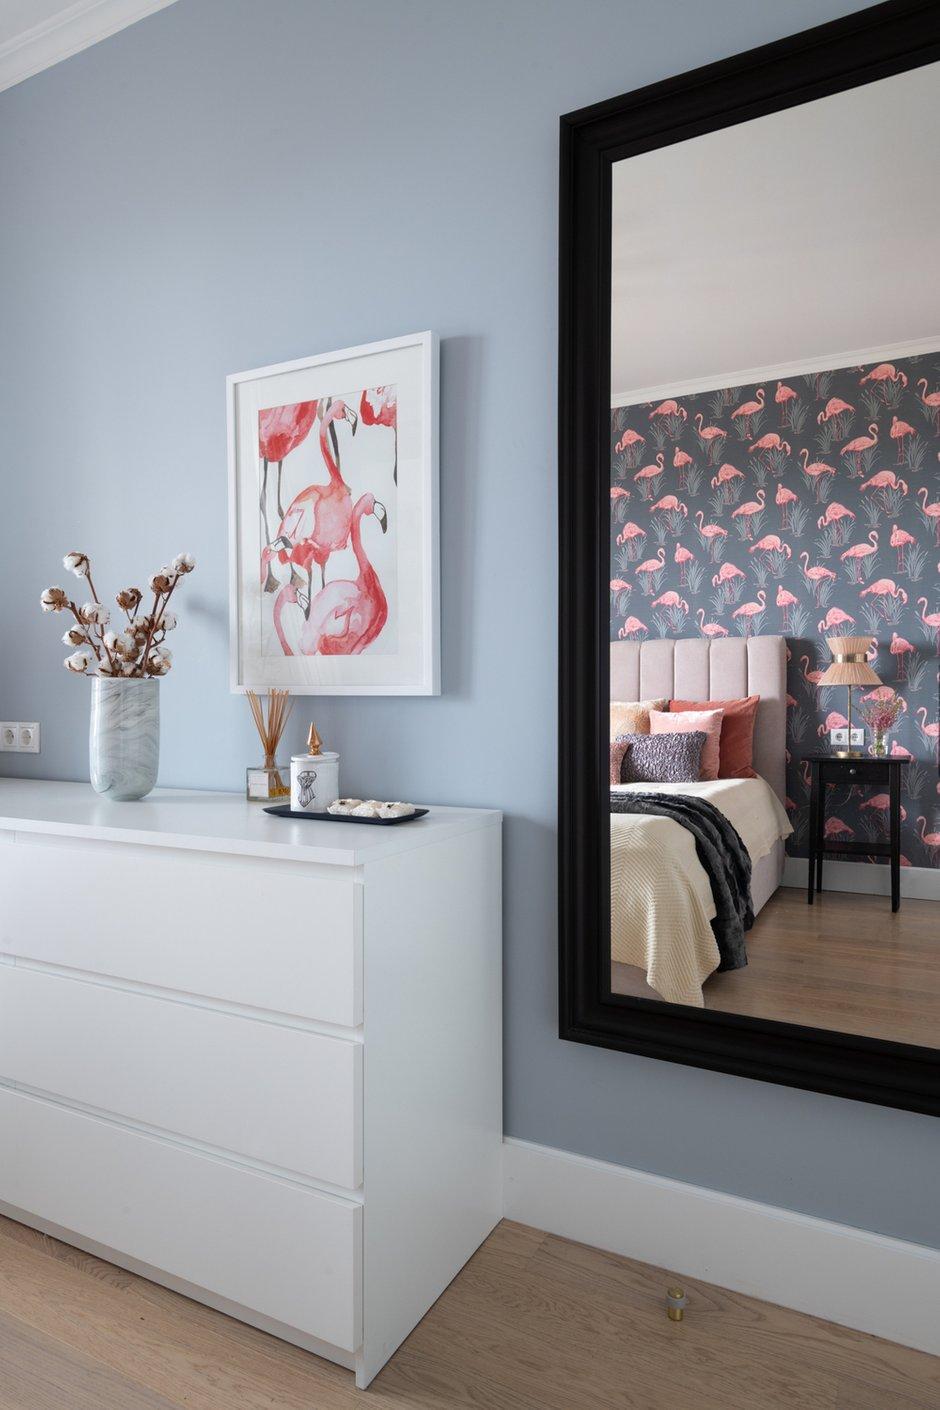 Фотография: Спальня в стиле Современный, Квартира, Проект недели, Москва, 2 комнаты, 40-60 метров, Марина Каралкина – фото на INMYROOM